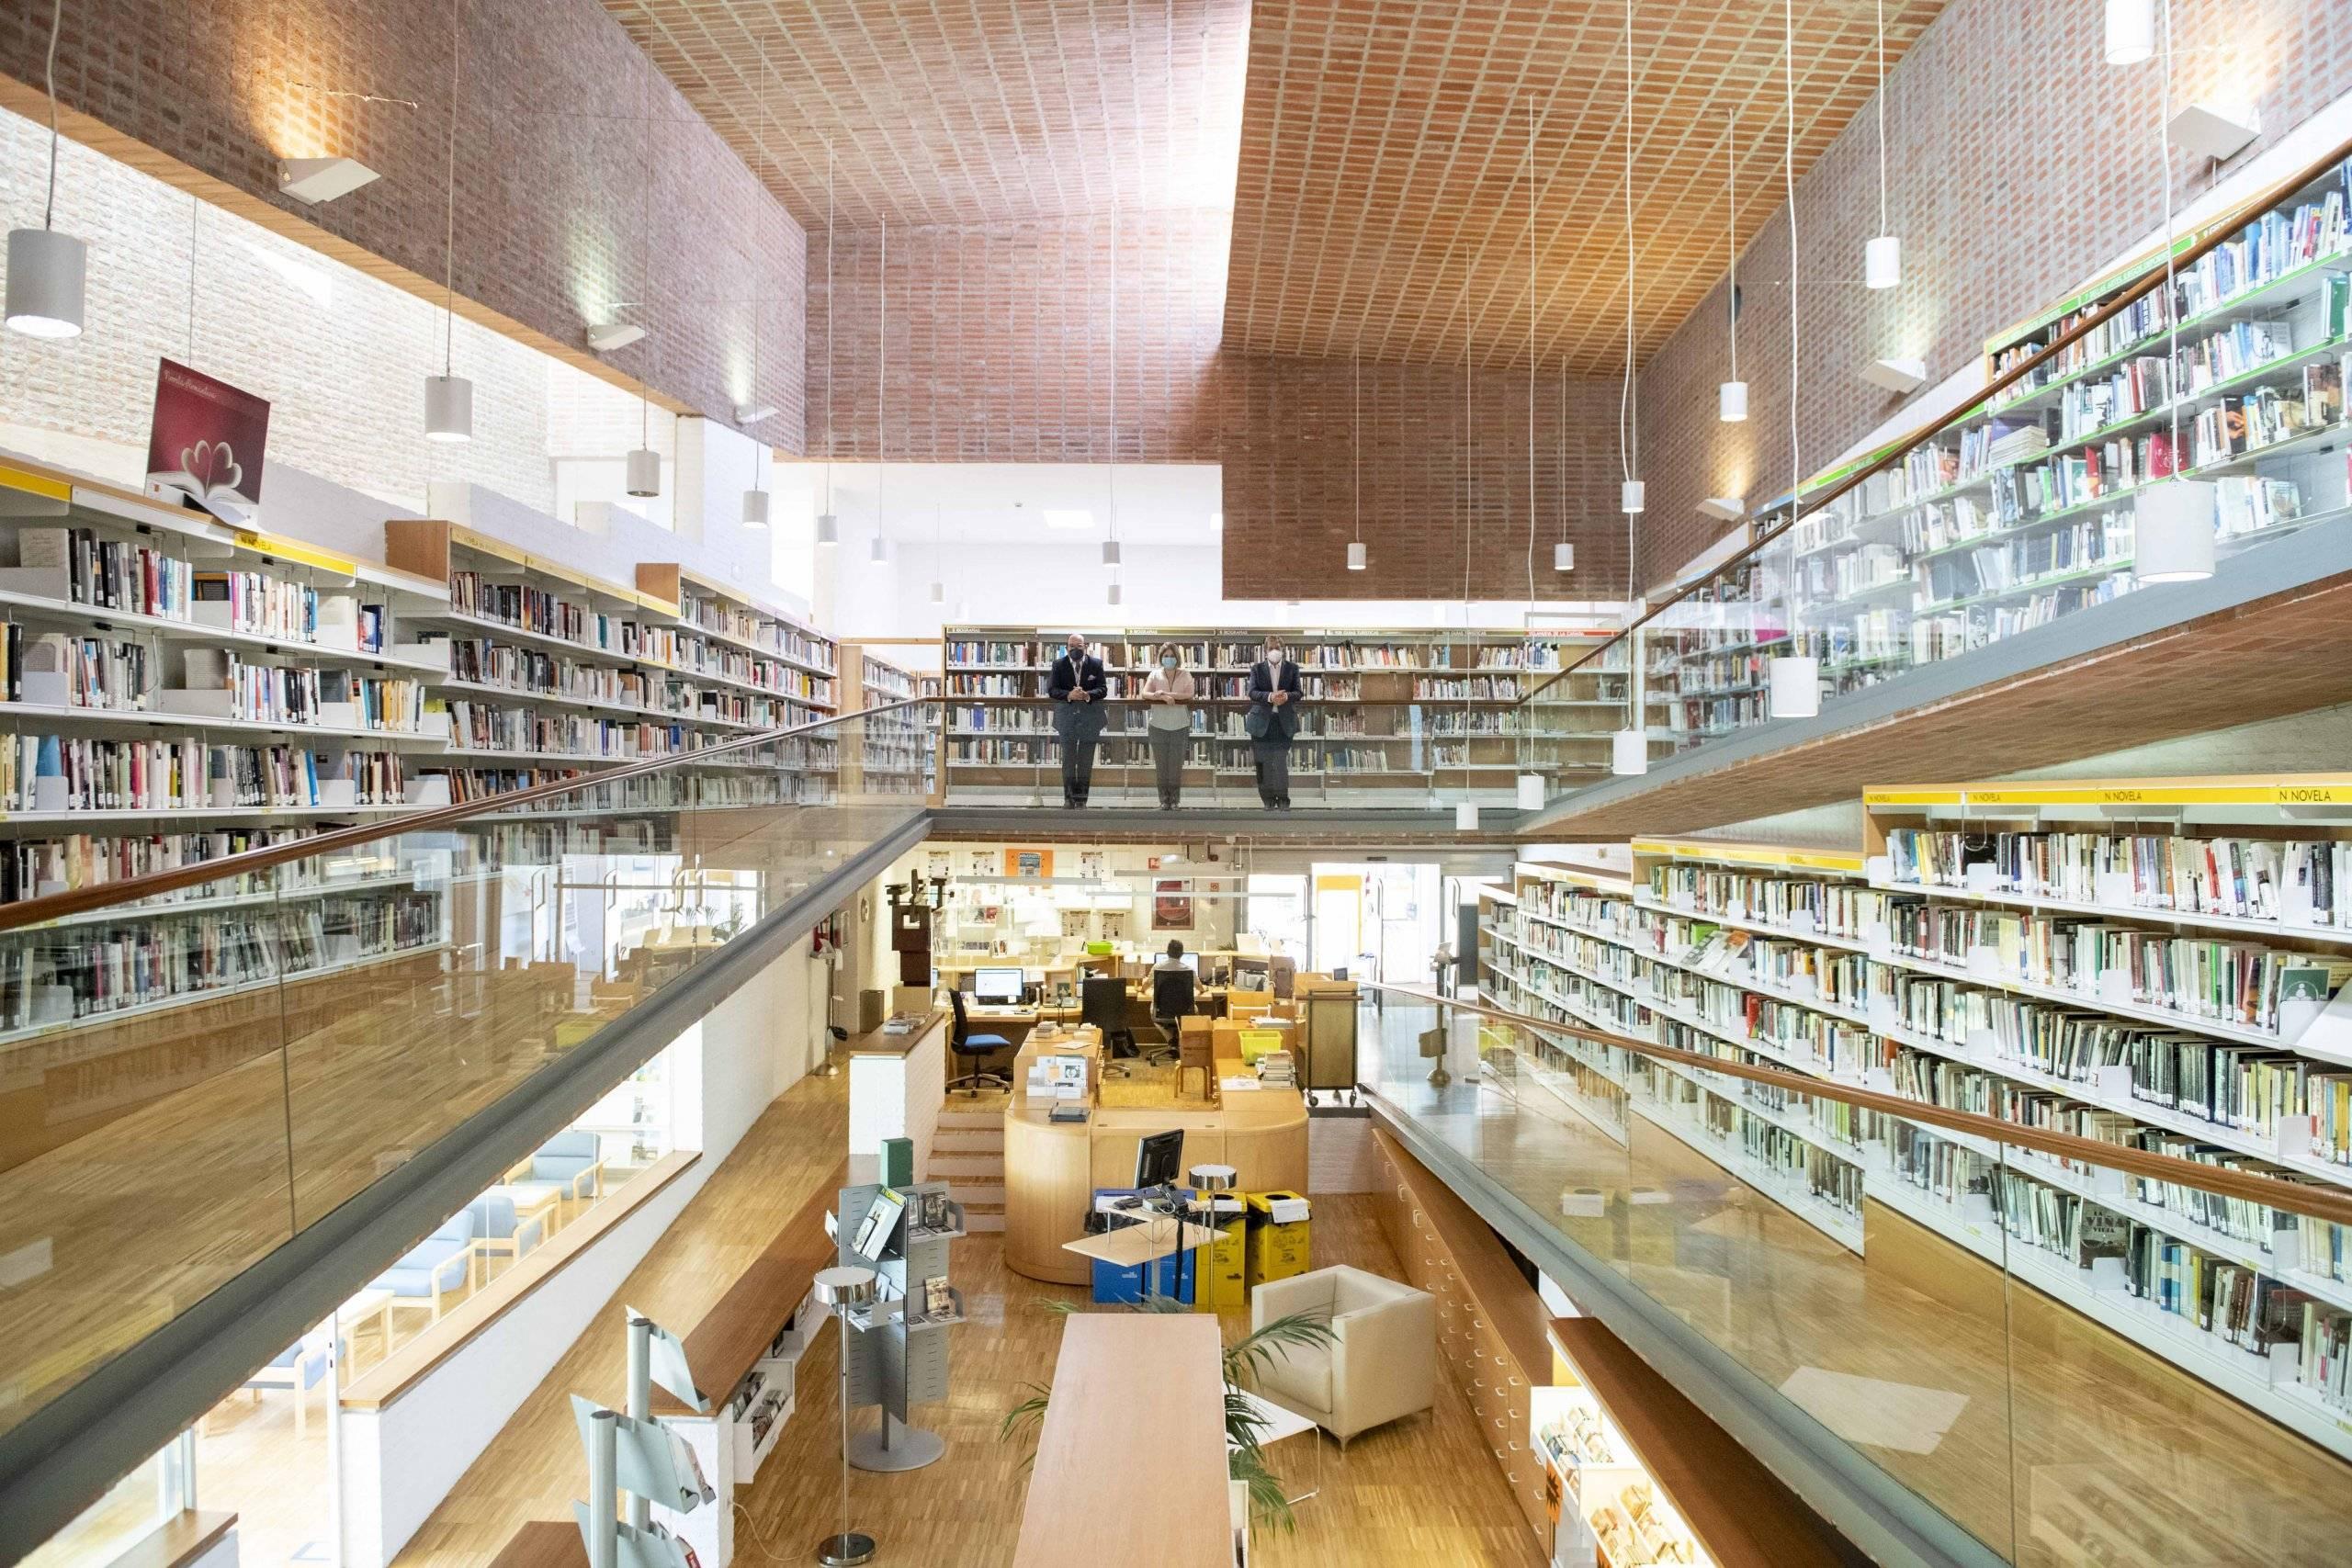 Imagen de las autoridades en la Biblioteca Municipal F. Lázaro Carreter.